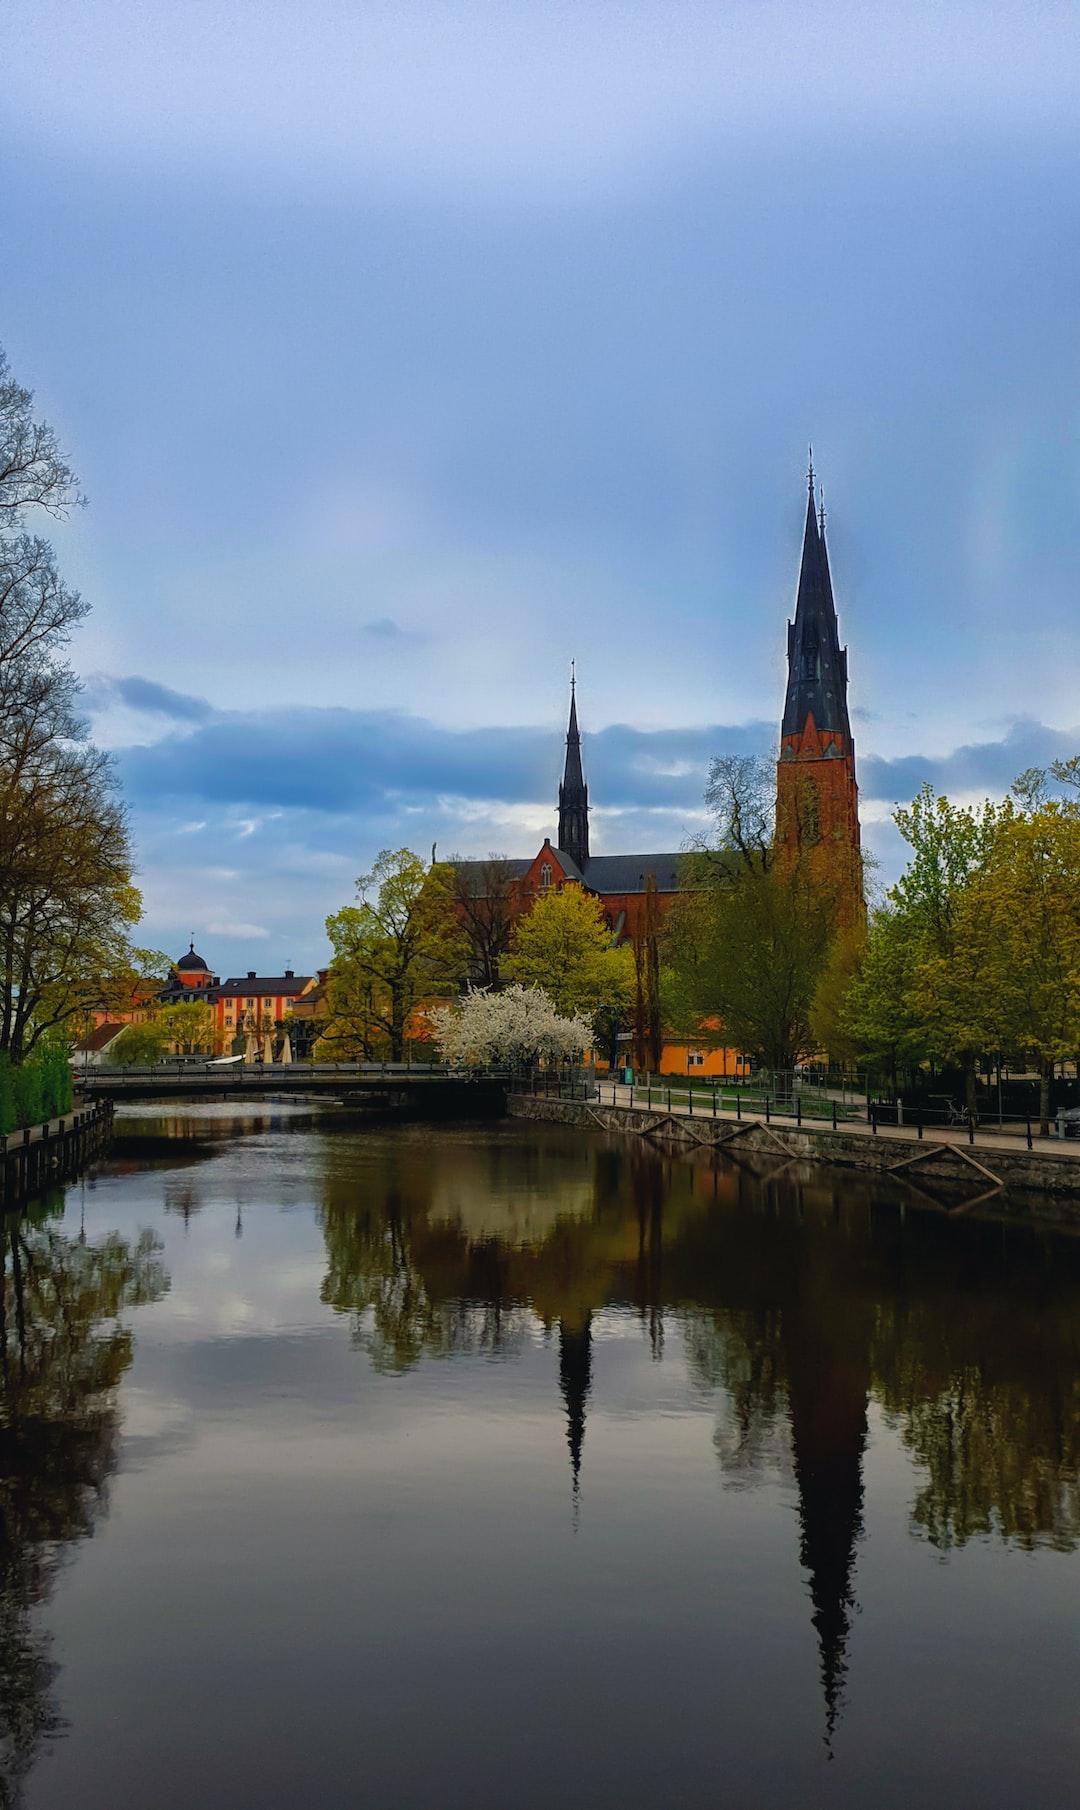 Oldest Scandanavian Church in Uppsala, Domkyrka (The Dome Church)